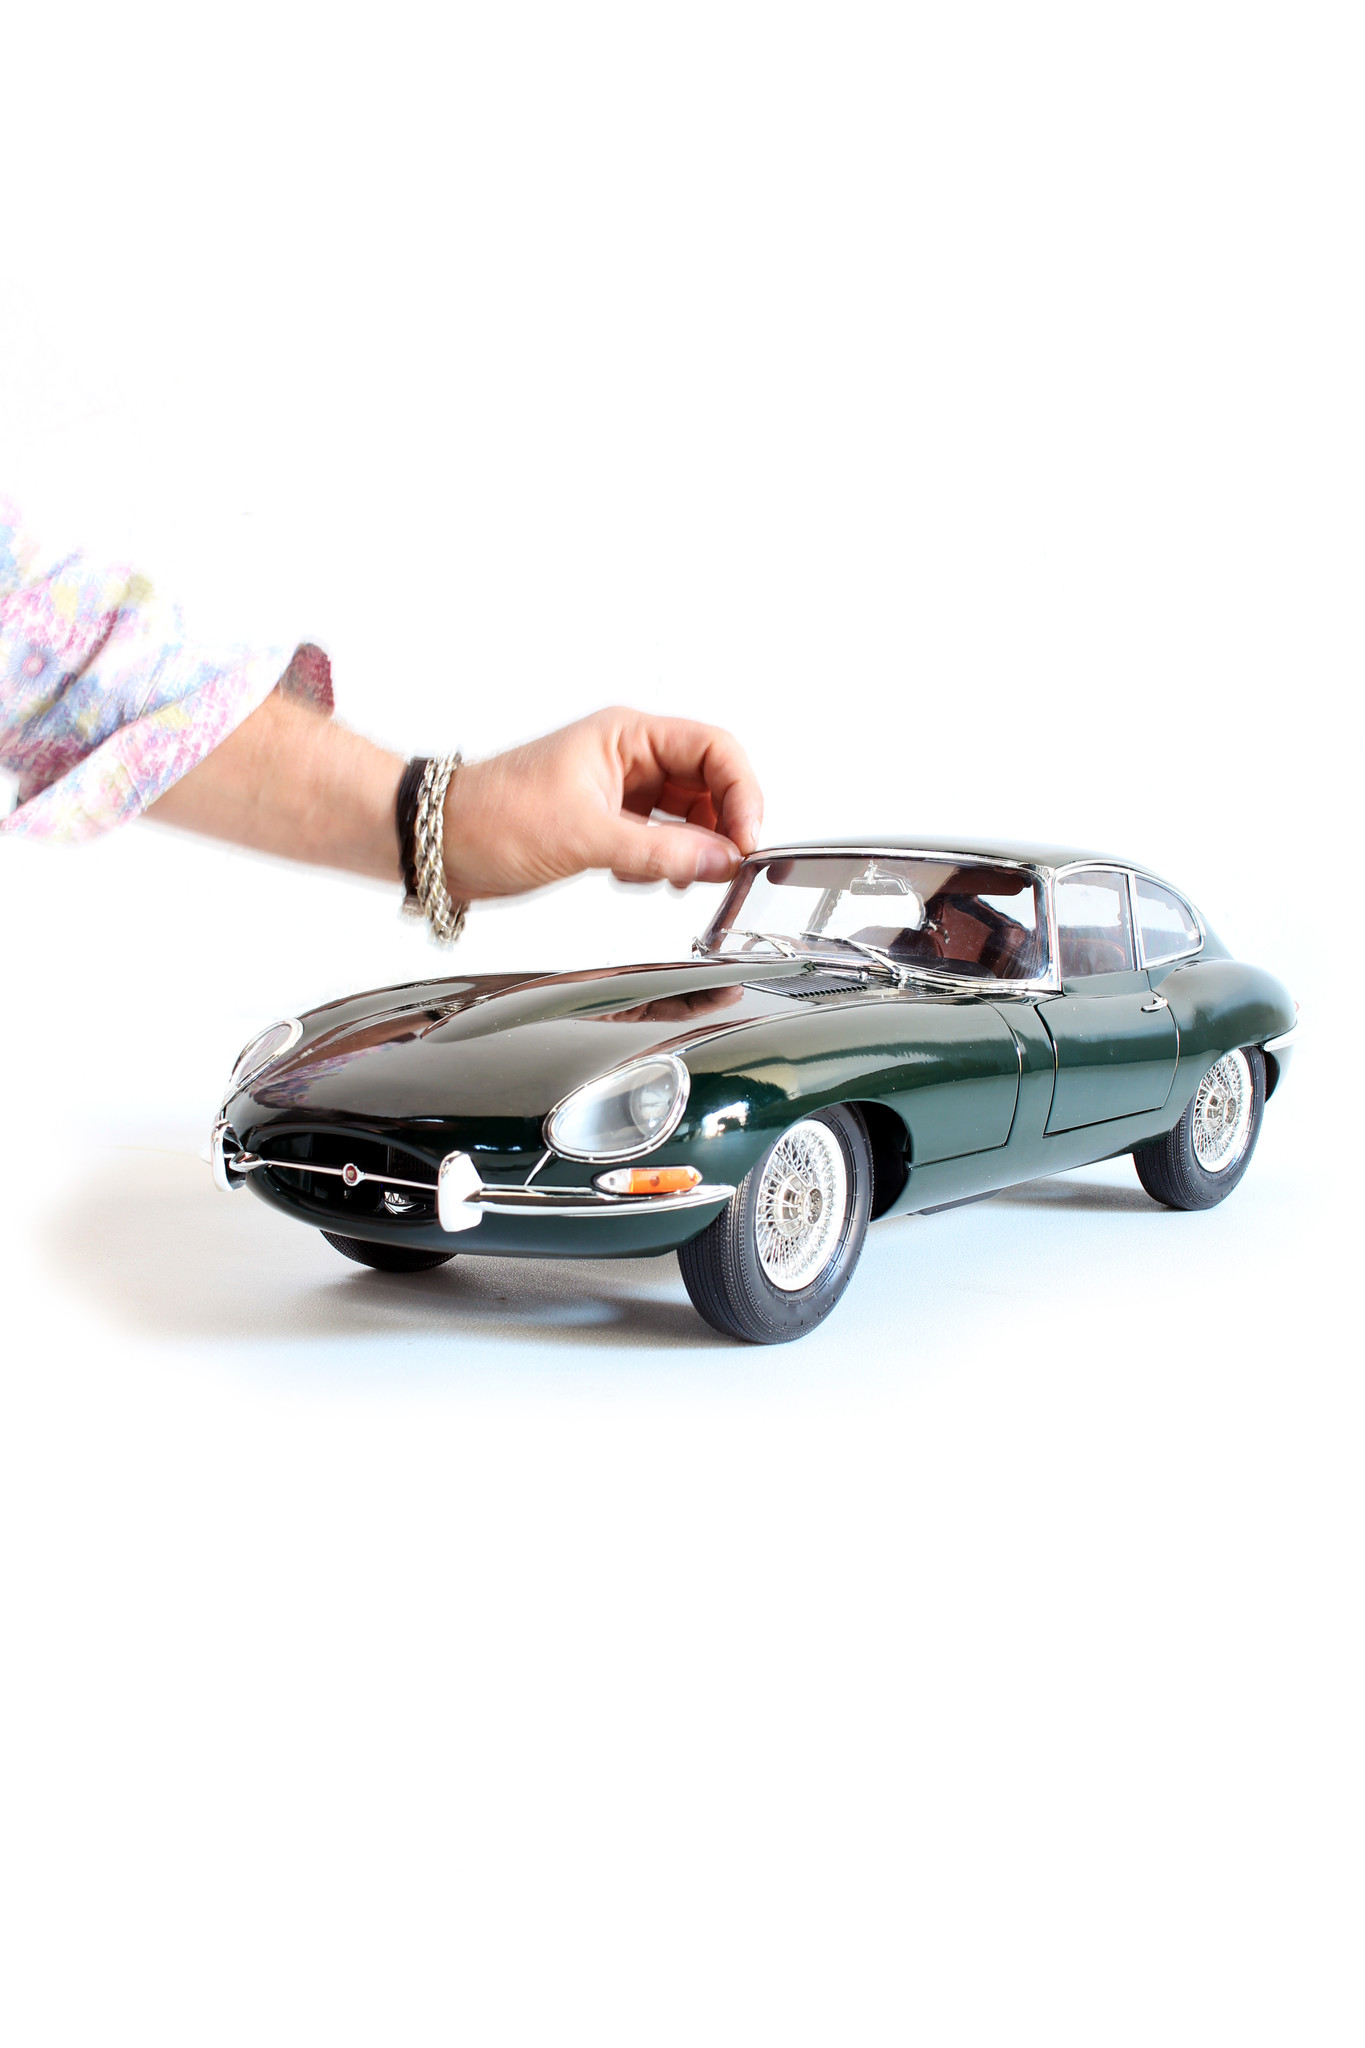 Jaguar E-type scale model